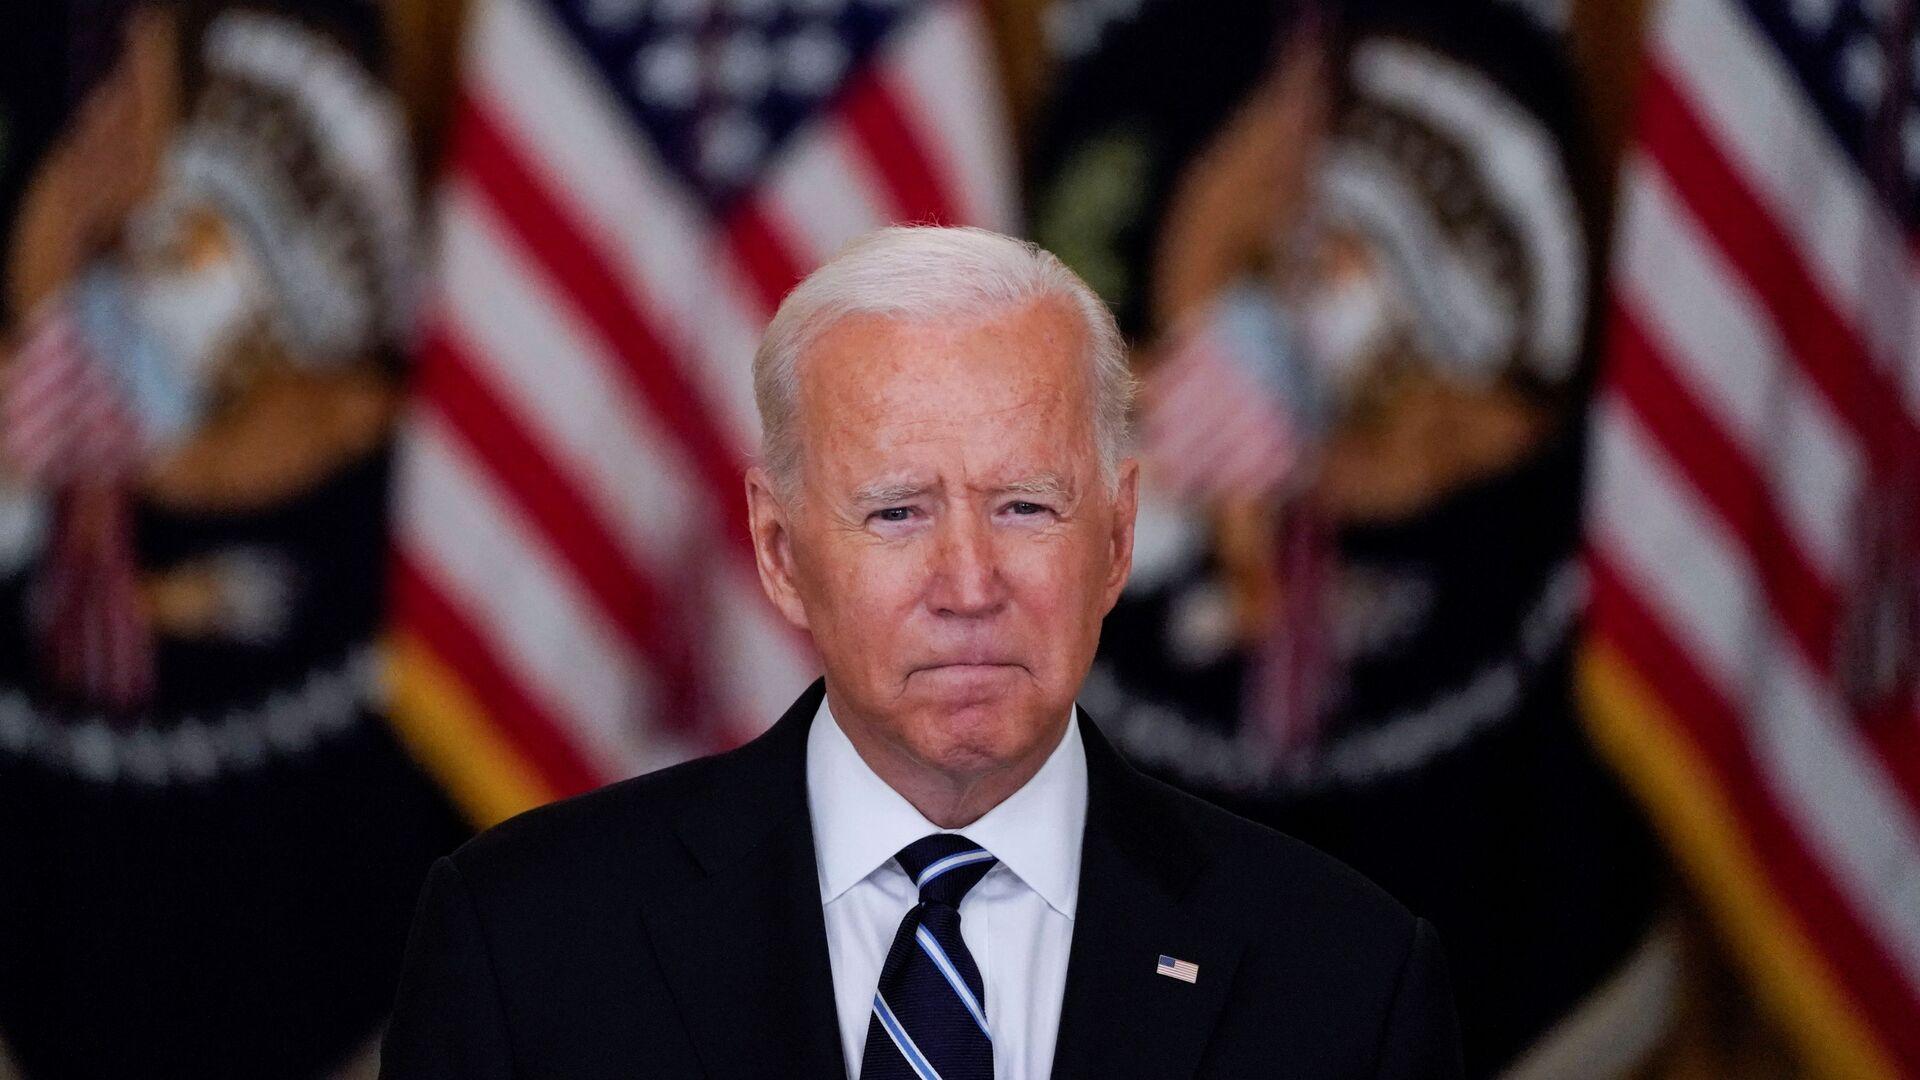 バイデン大統領 米国はアフガン撤退で常時戦争の時代に終止符 - Sputnik 日本, 1920, 22.09.2021